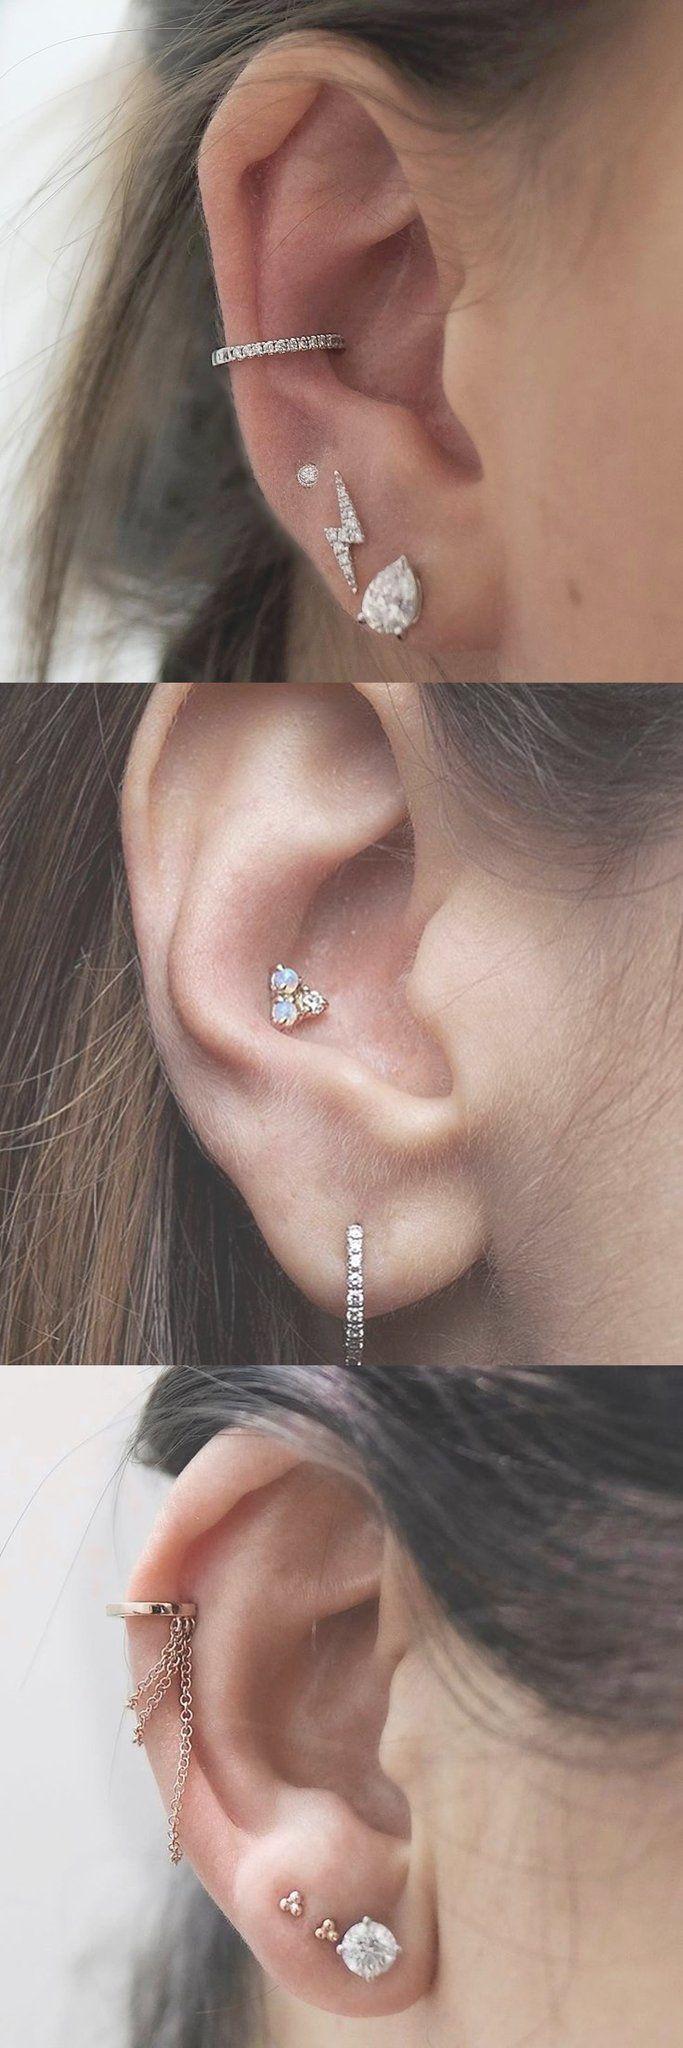 Ear piercing ideas simple   Free Ear Piercing Ideas  Ear piercings Chain earrings and Piercings